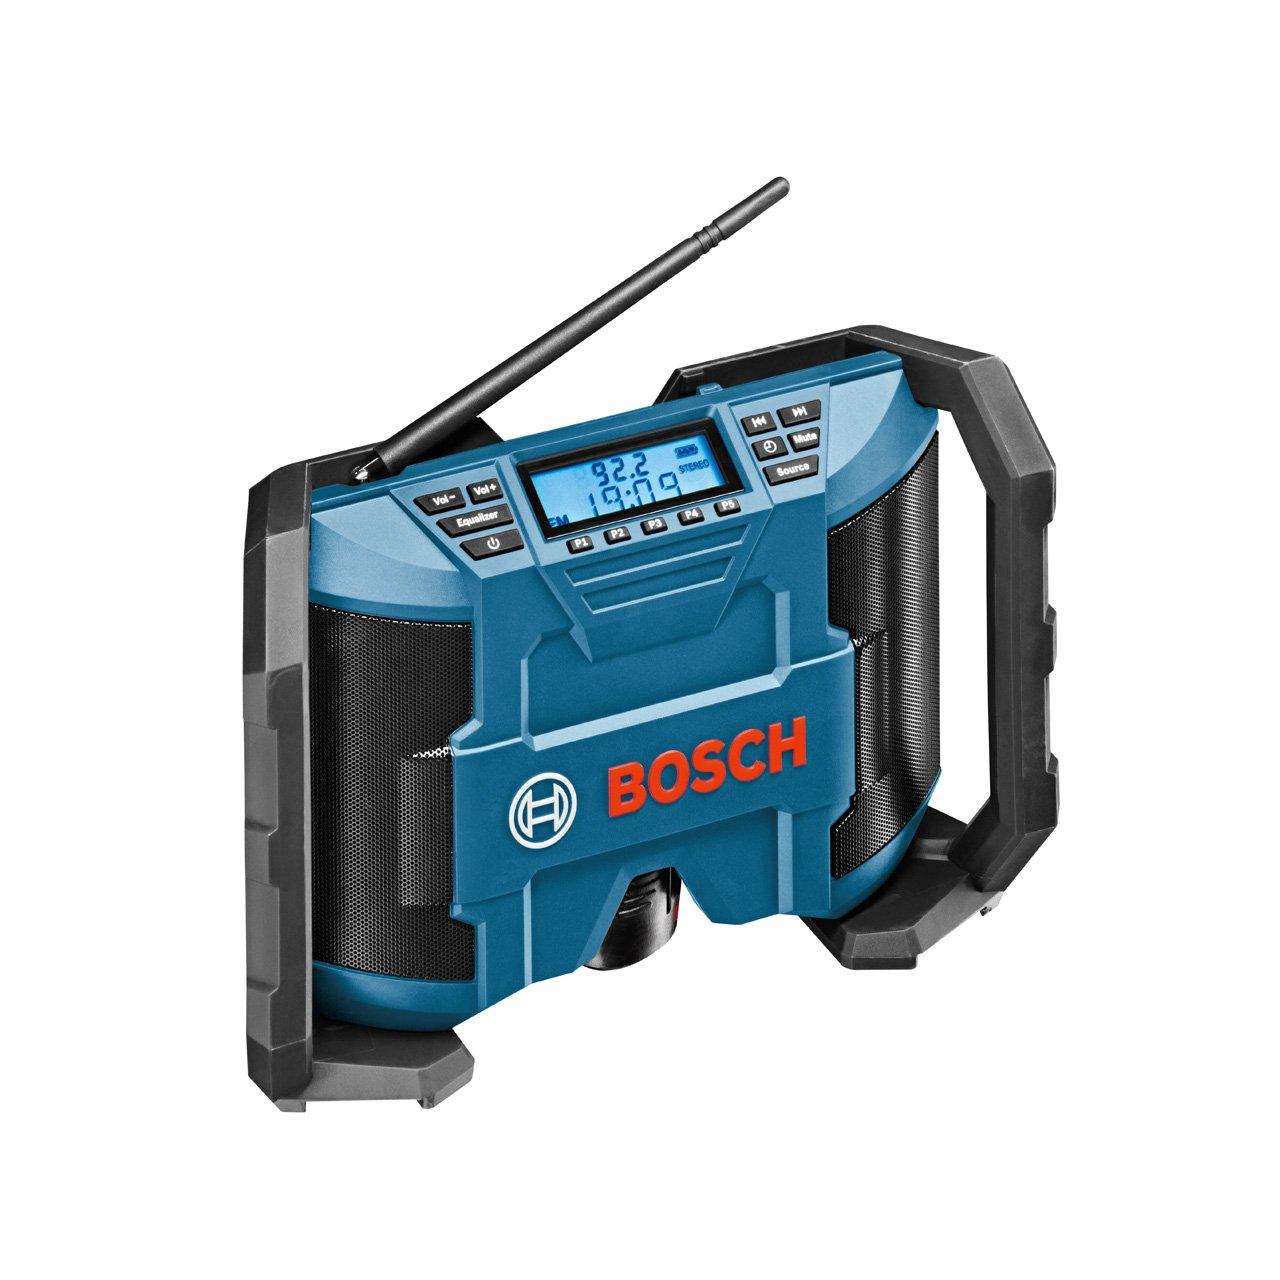 Bosch Professional Akku Baustellenradio GPB 12V-10 (ohne Akku, 10,8 V/12 V Akkubetrieb, im Karton) schwarz/blau 0601429200